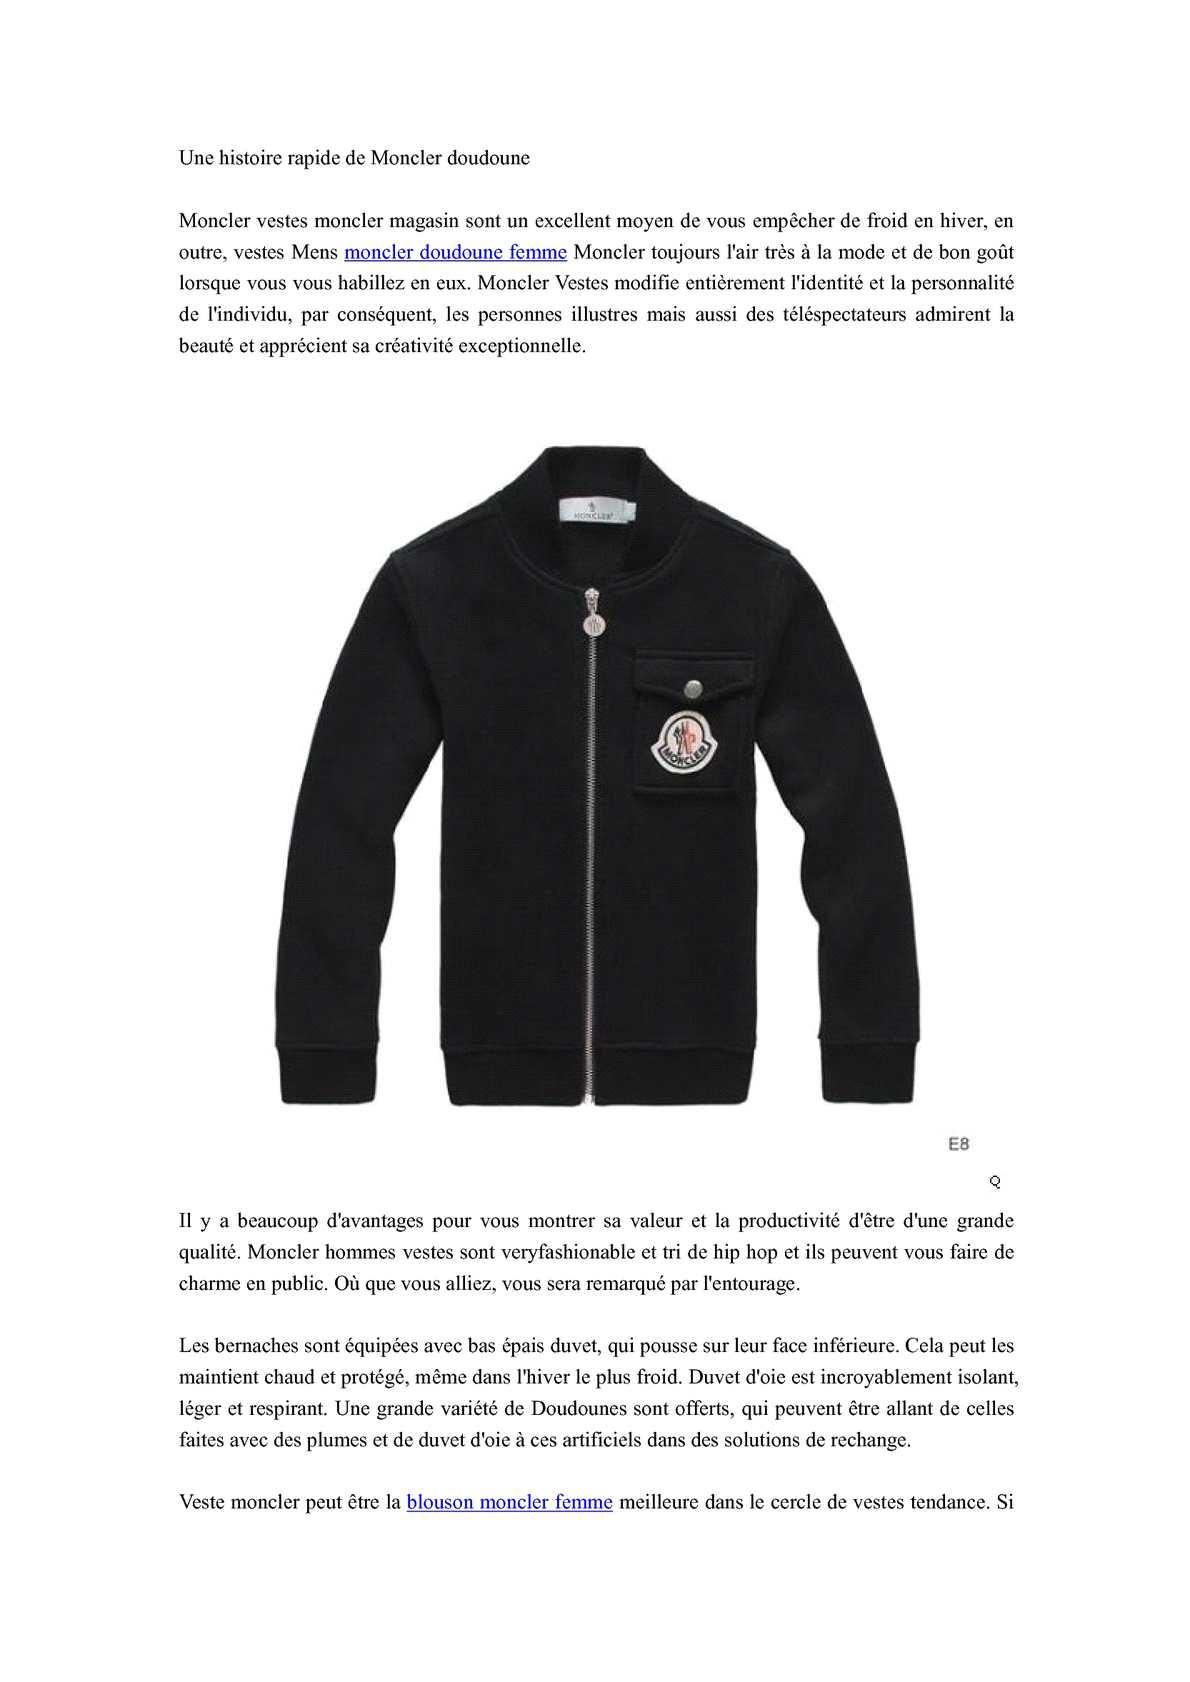 fc32dd8abfdf Calaméo - Une histoire rapide de Moncler doudoune